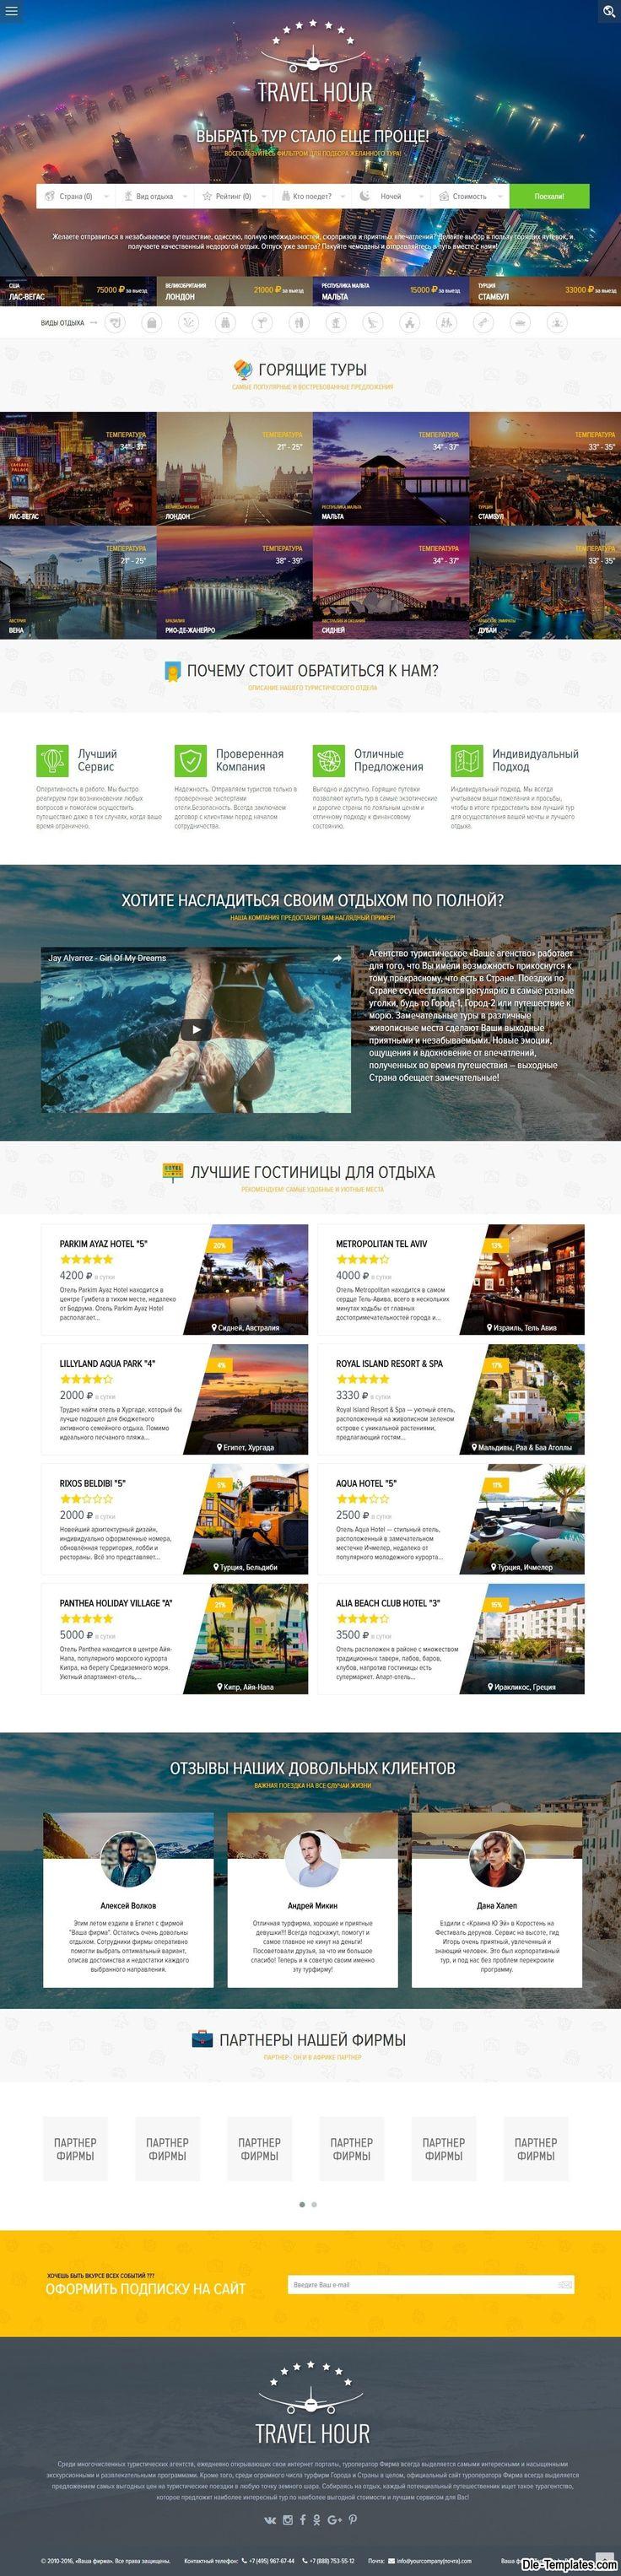 Travel Hour для DLE #templates #website #шаблон #сайт #web